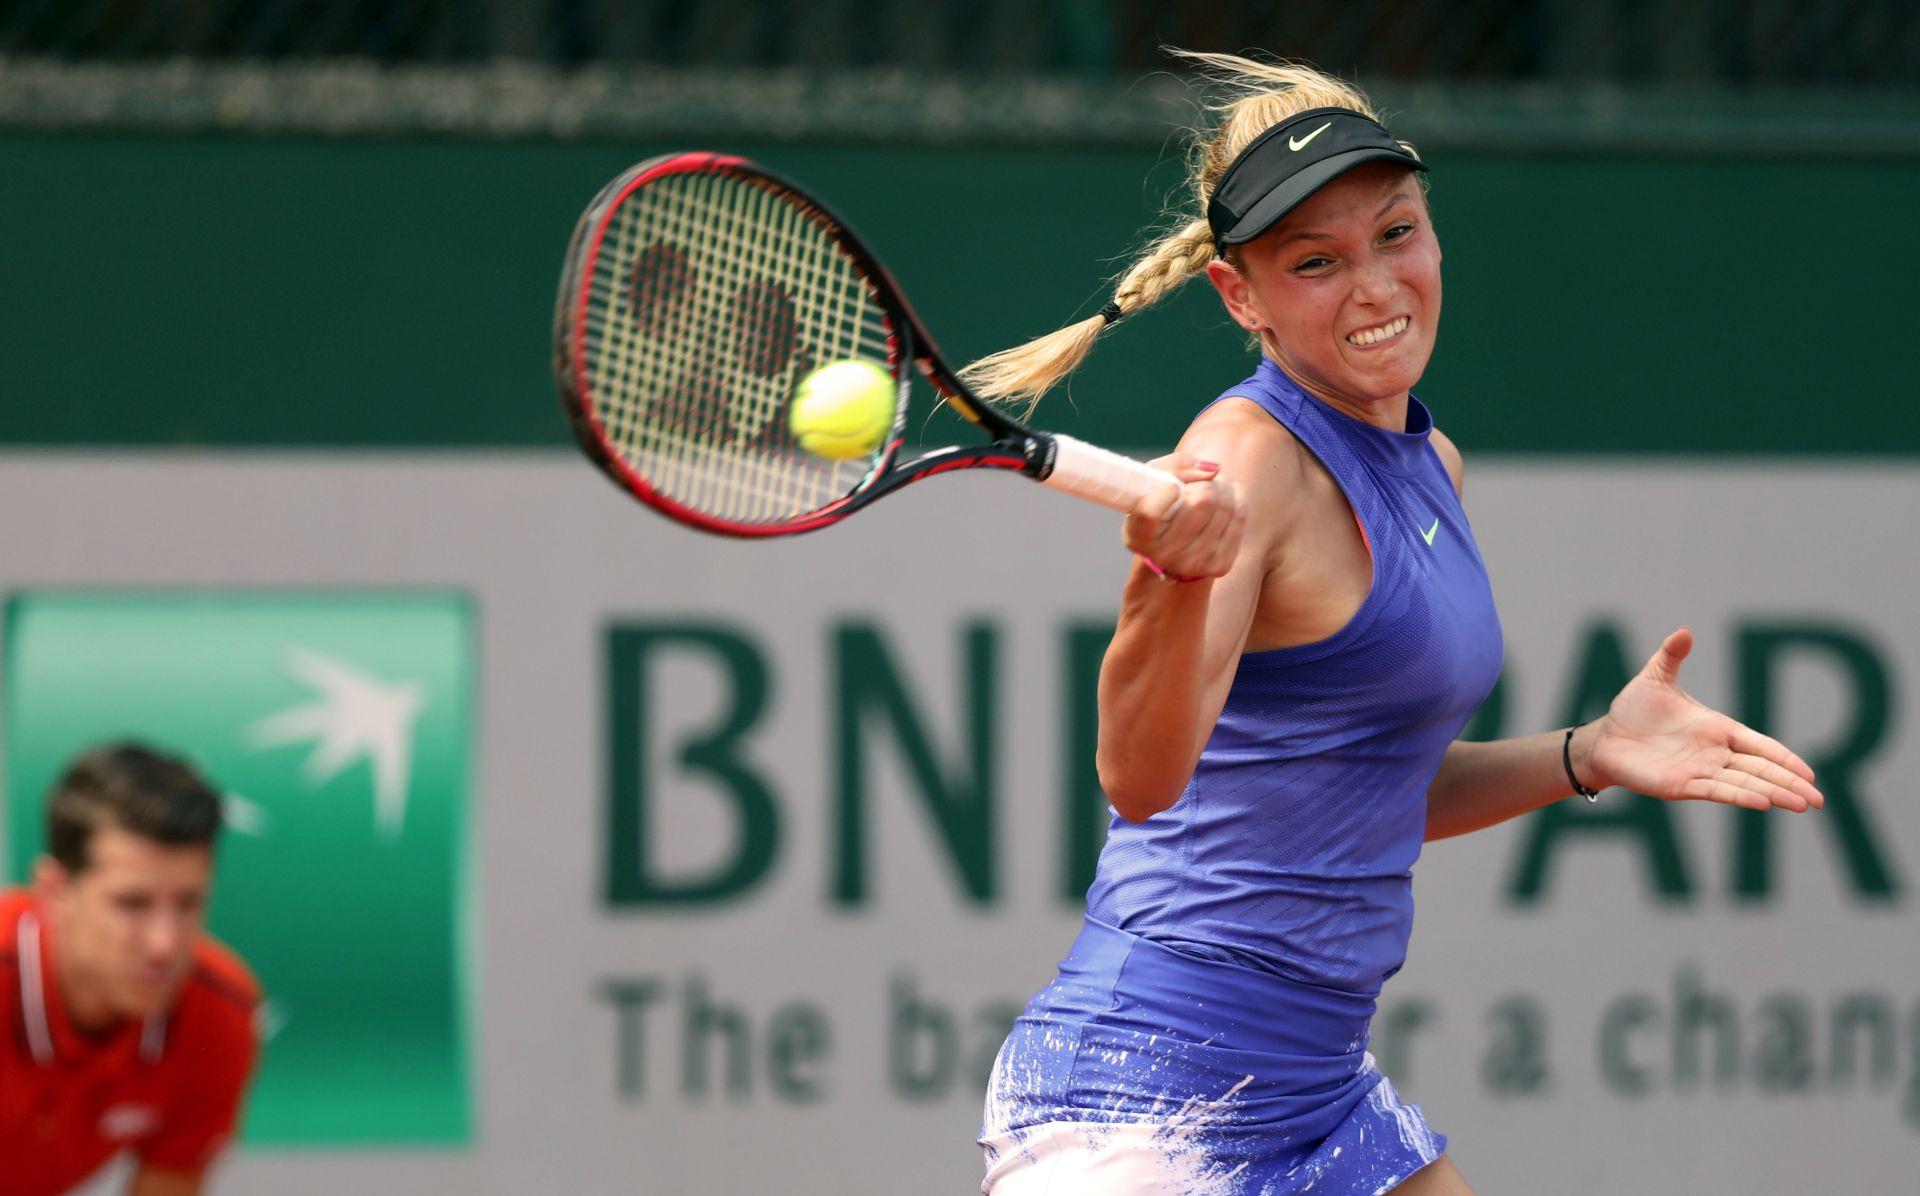 WTA Lučić Baroni 24., Vekić do najboljeg rankinga u karijeri